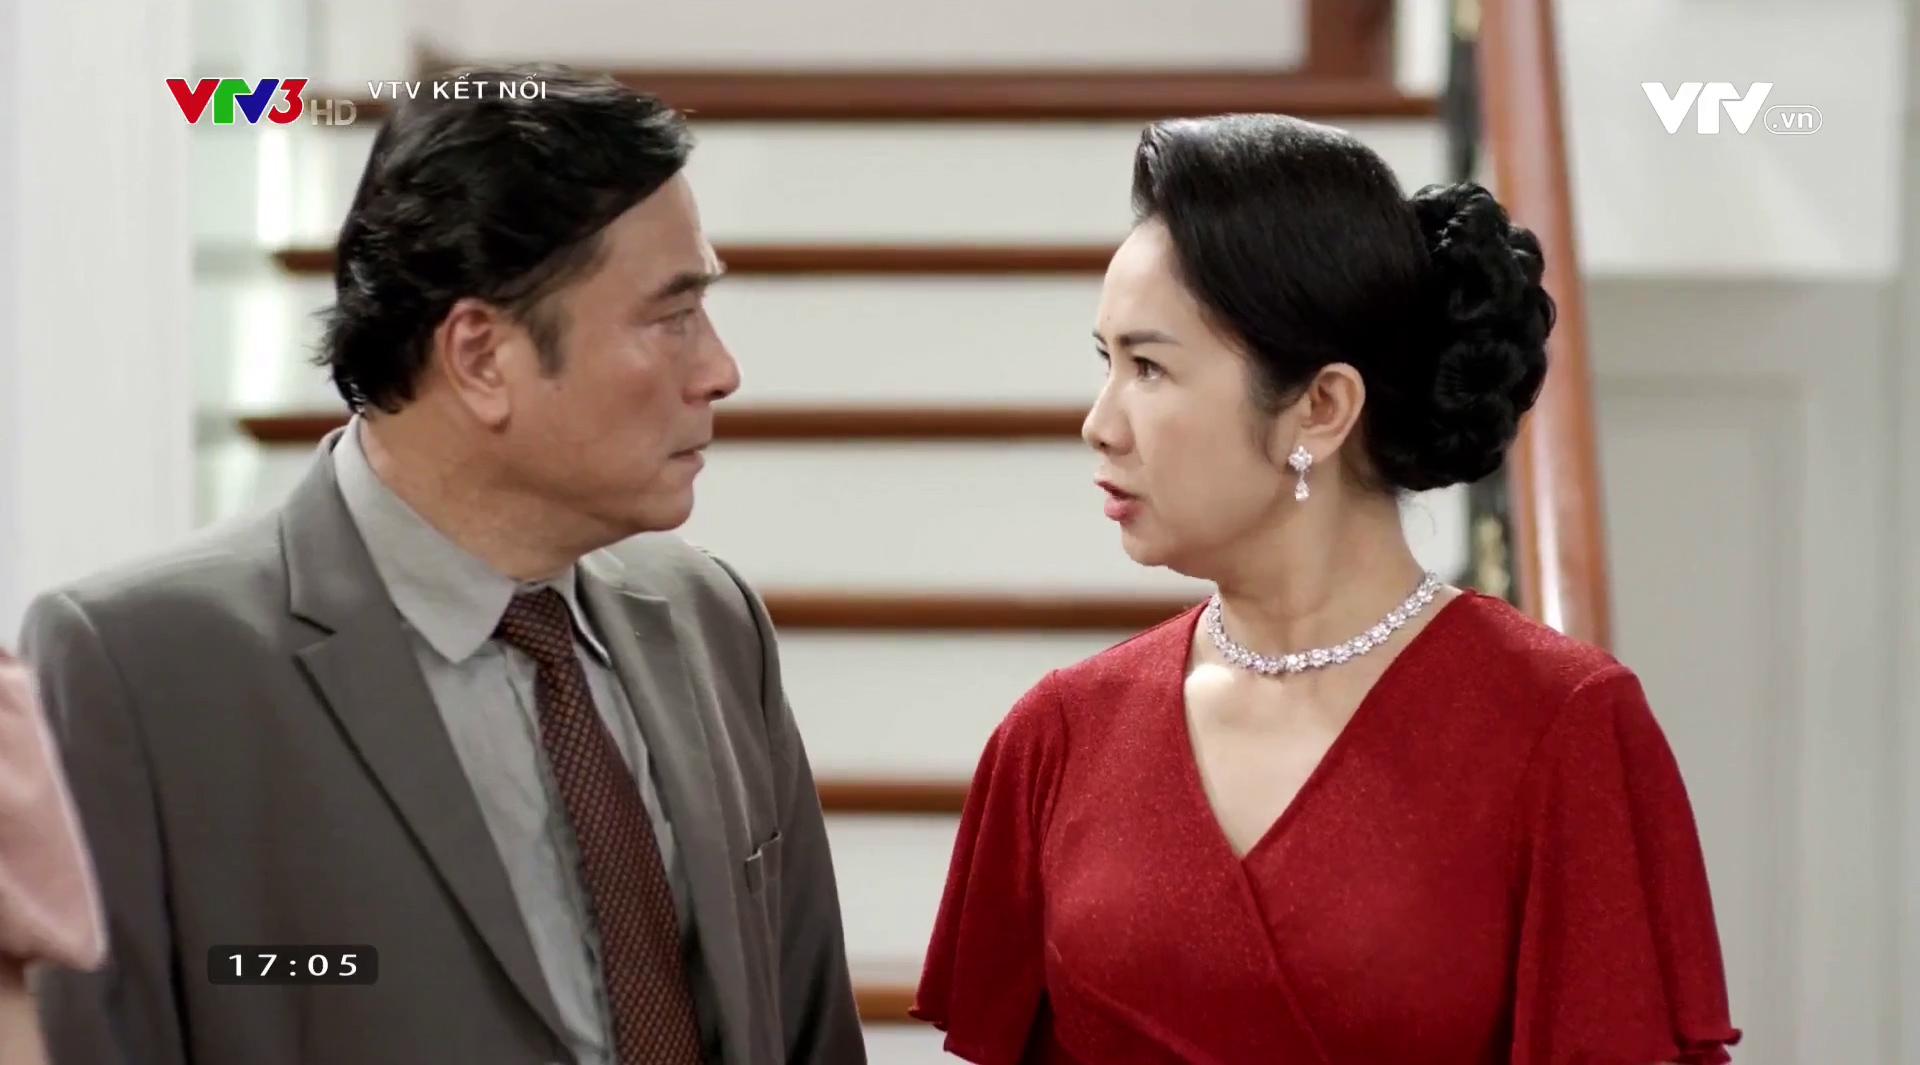 Lần đầu tiên Hồng Diễm yêu Hồng Đăng từ đầu phim